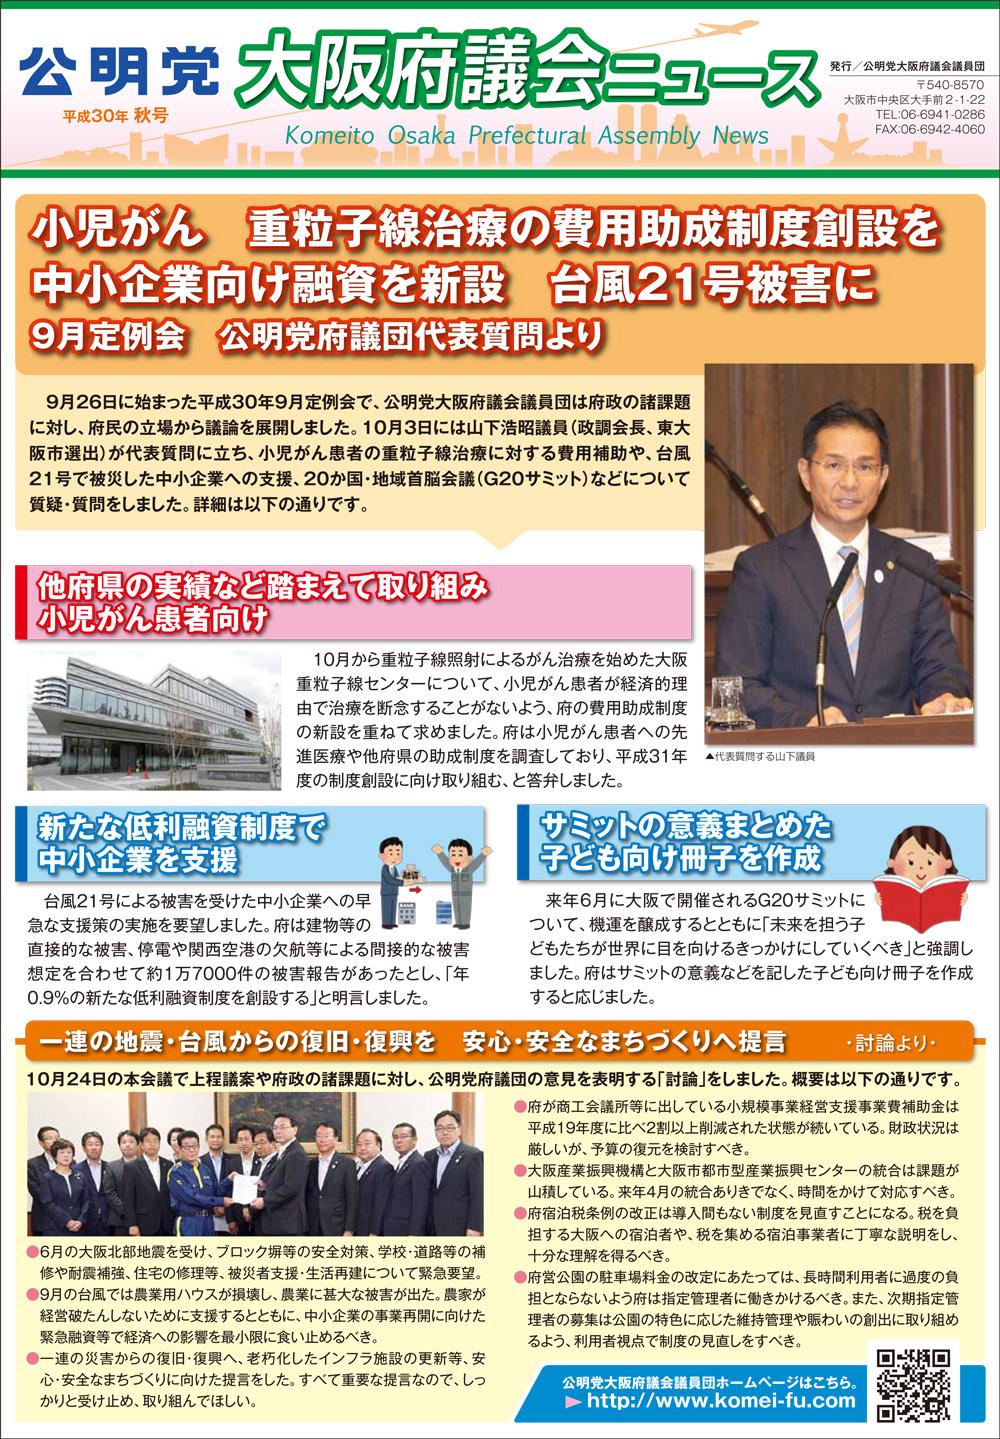 府議会ニュース平成30年秋号